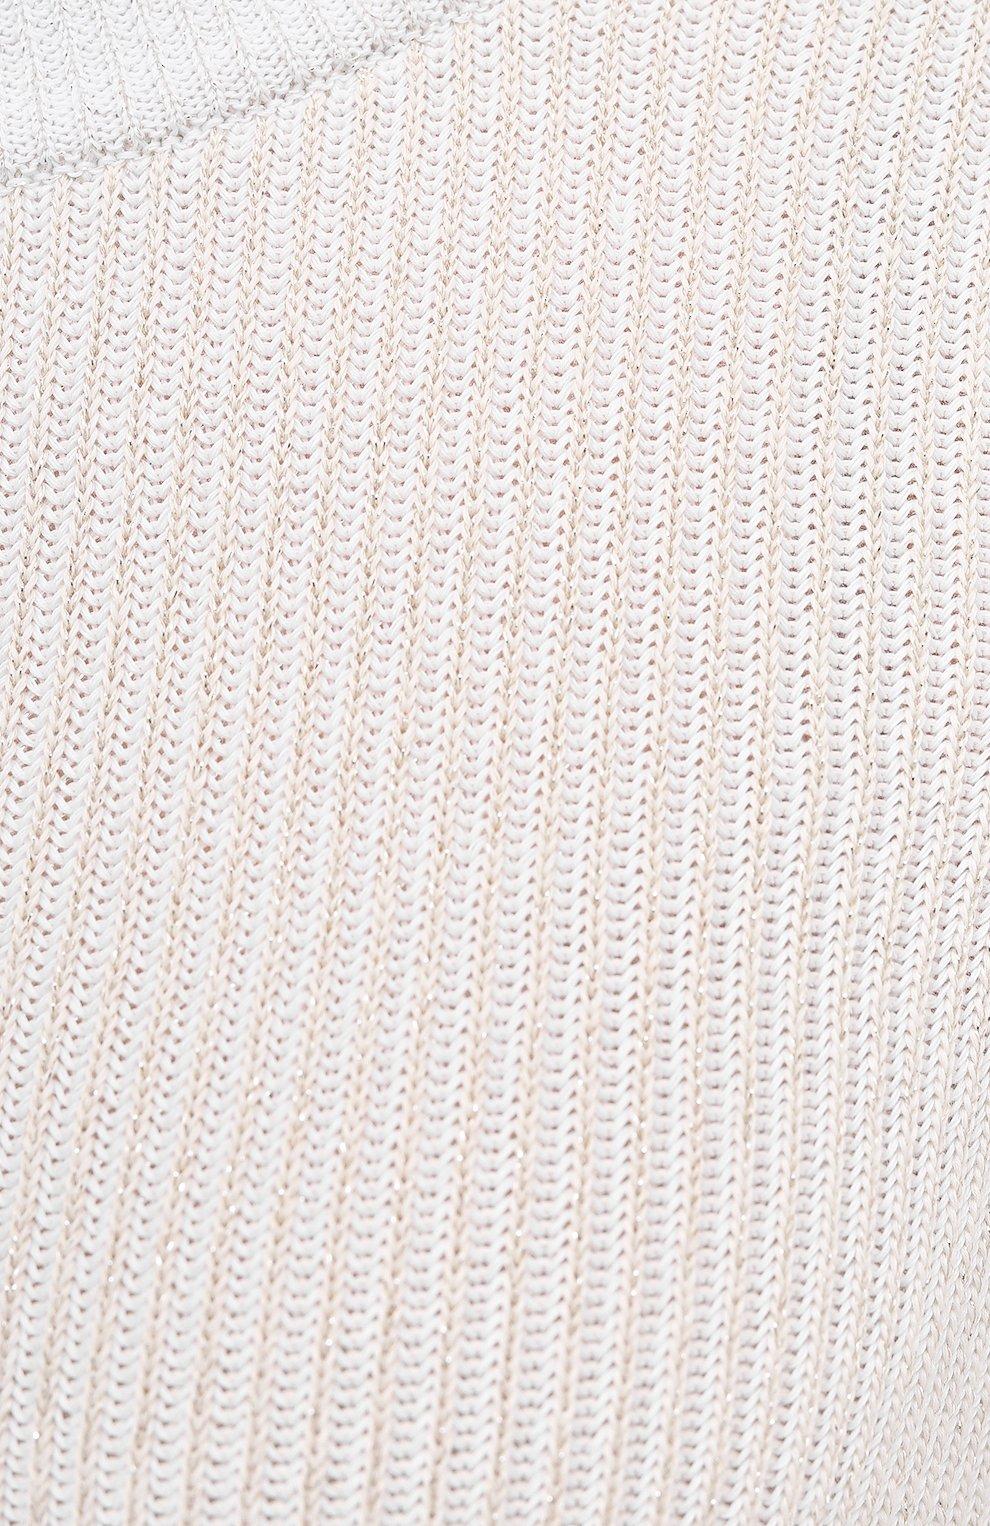 Женский хлопковый пуловер LORENA ANTONIAZZI серого цвета, арт. P21114GM004/2559   Фото 5 (Рукава: Длинные; Длина (для топов): Стандартные; Материал внешний: Хлопок; Женское Кросс-КТ: Пуловер-одежда; Стили: Кэжуэл)